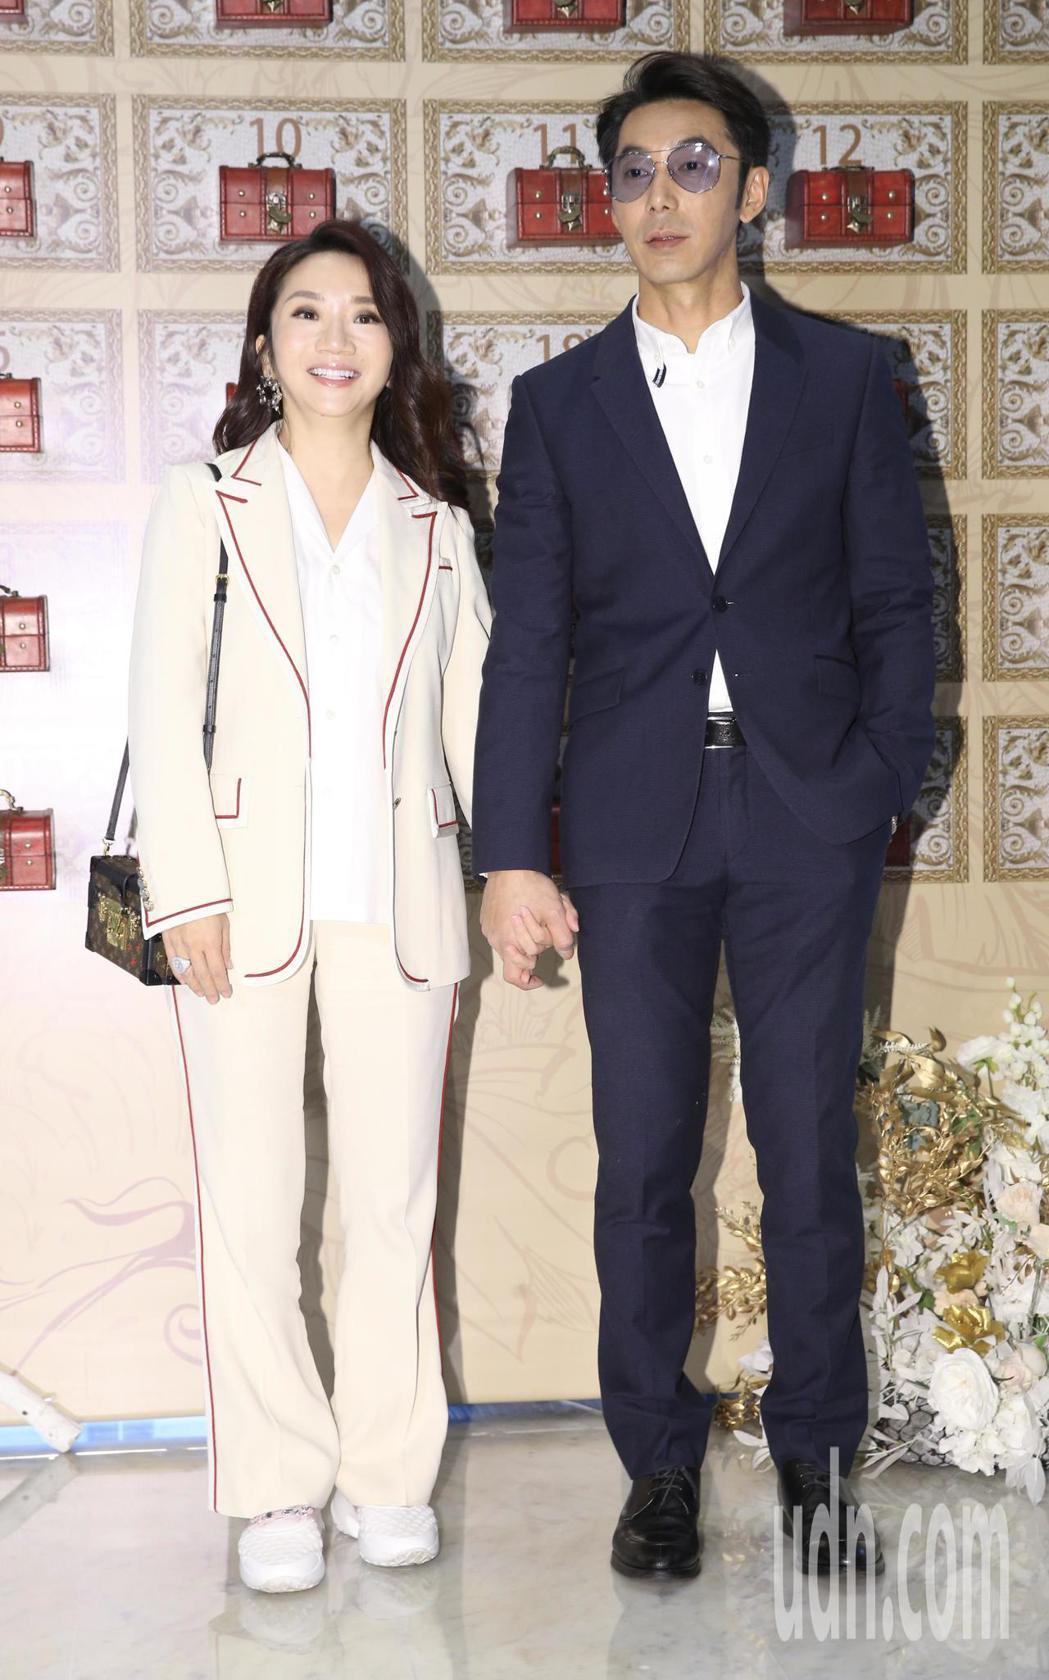 綜藝節目製作人B2中午在寒舍艾美舉行婚宴,藝人陶晶瑩(左)、李李仁(右)夫妻檔到...